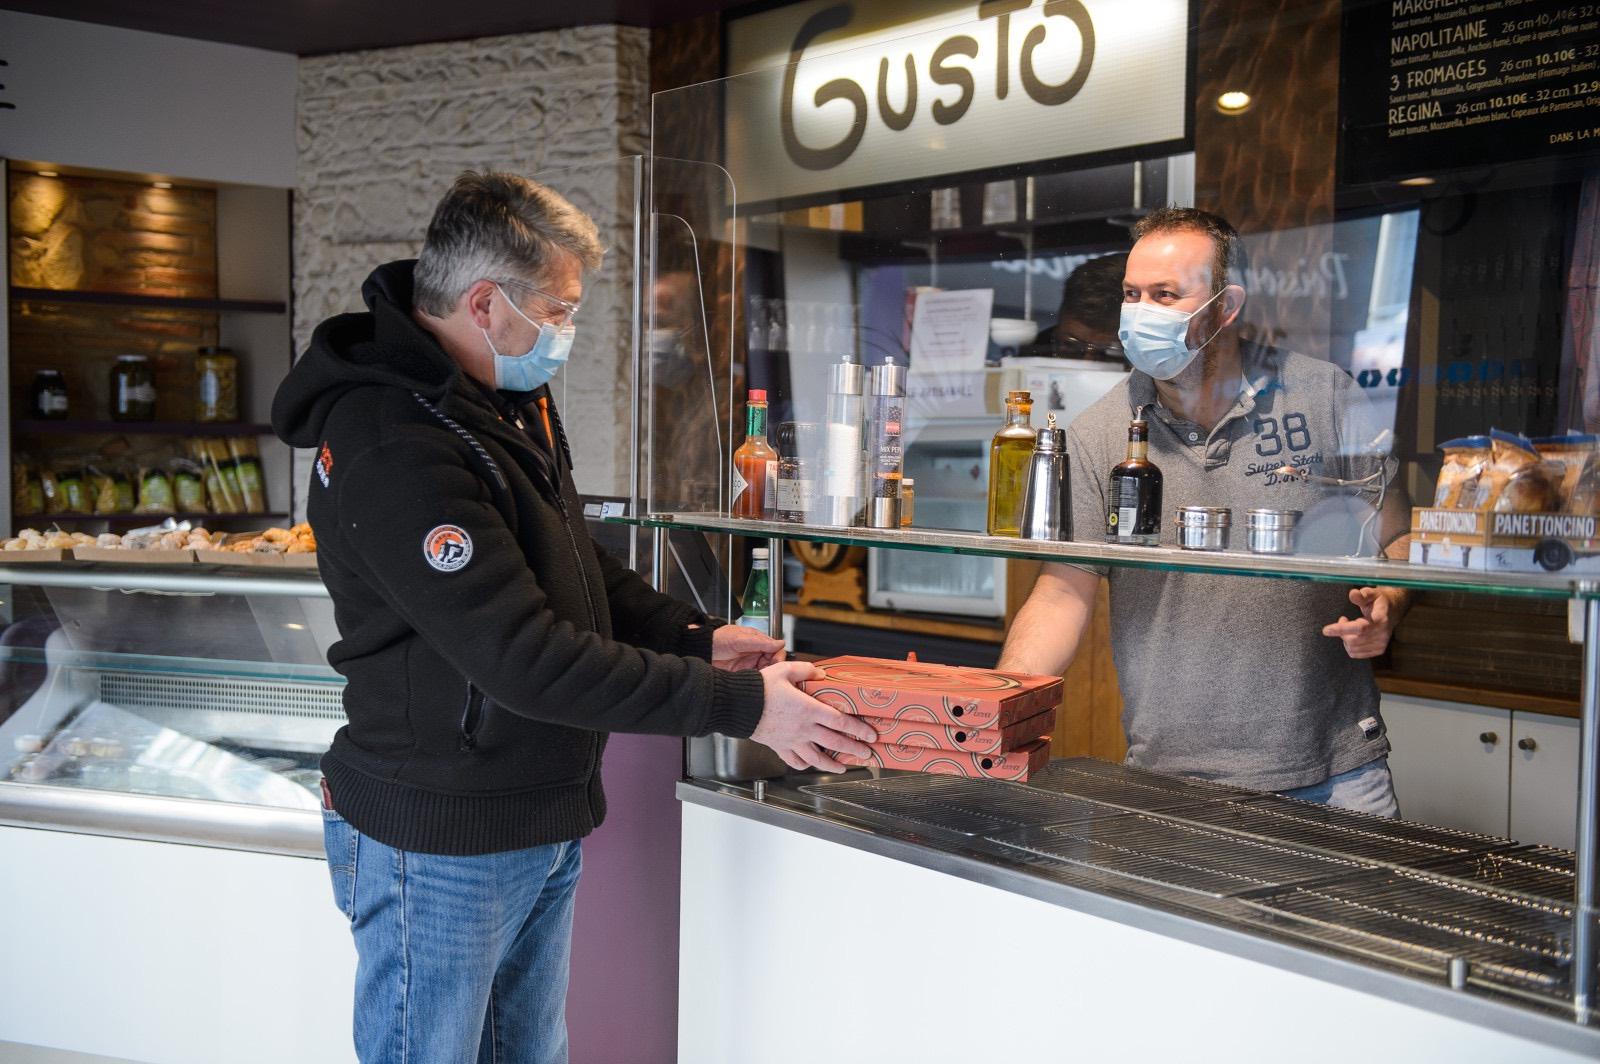 Vente à emporter dans un restaurant de Rennes